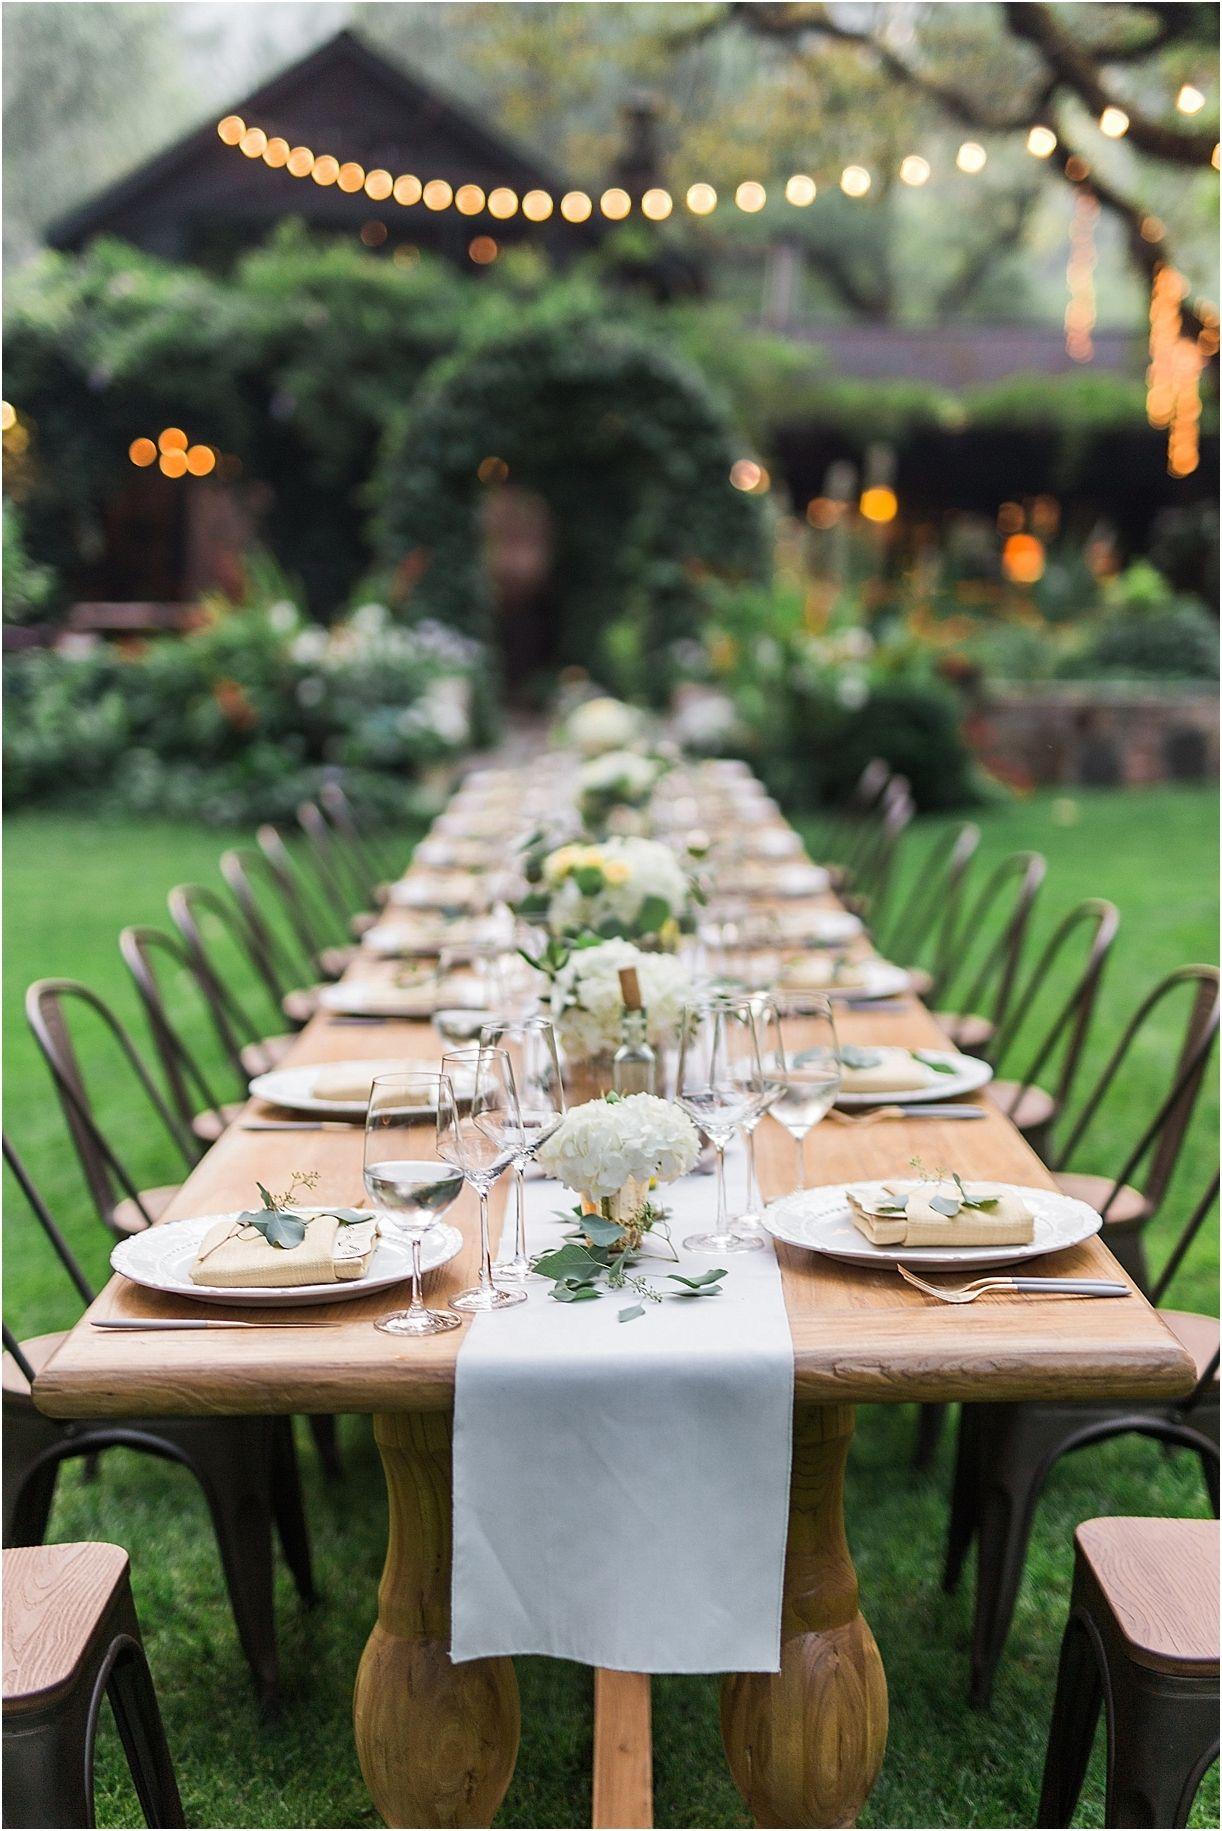 sonoma county wedding venues outdoor